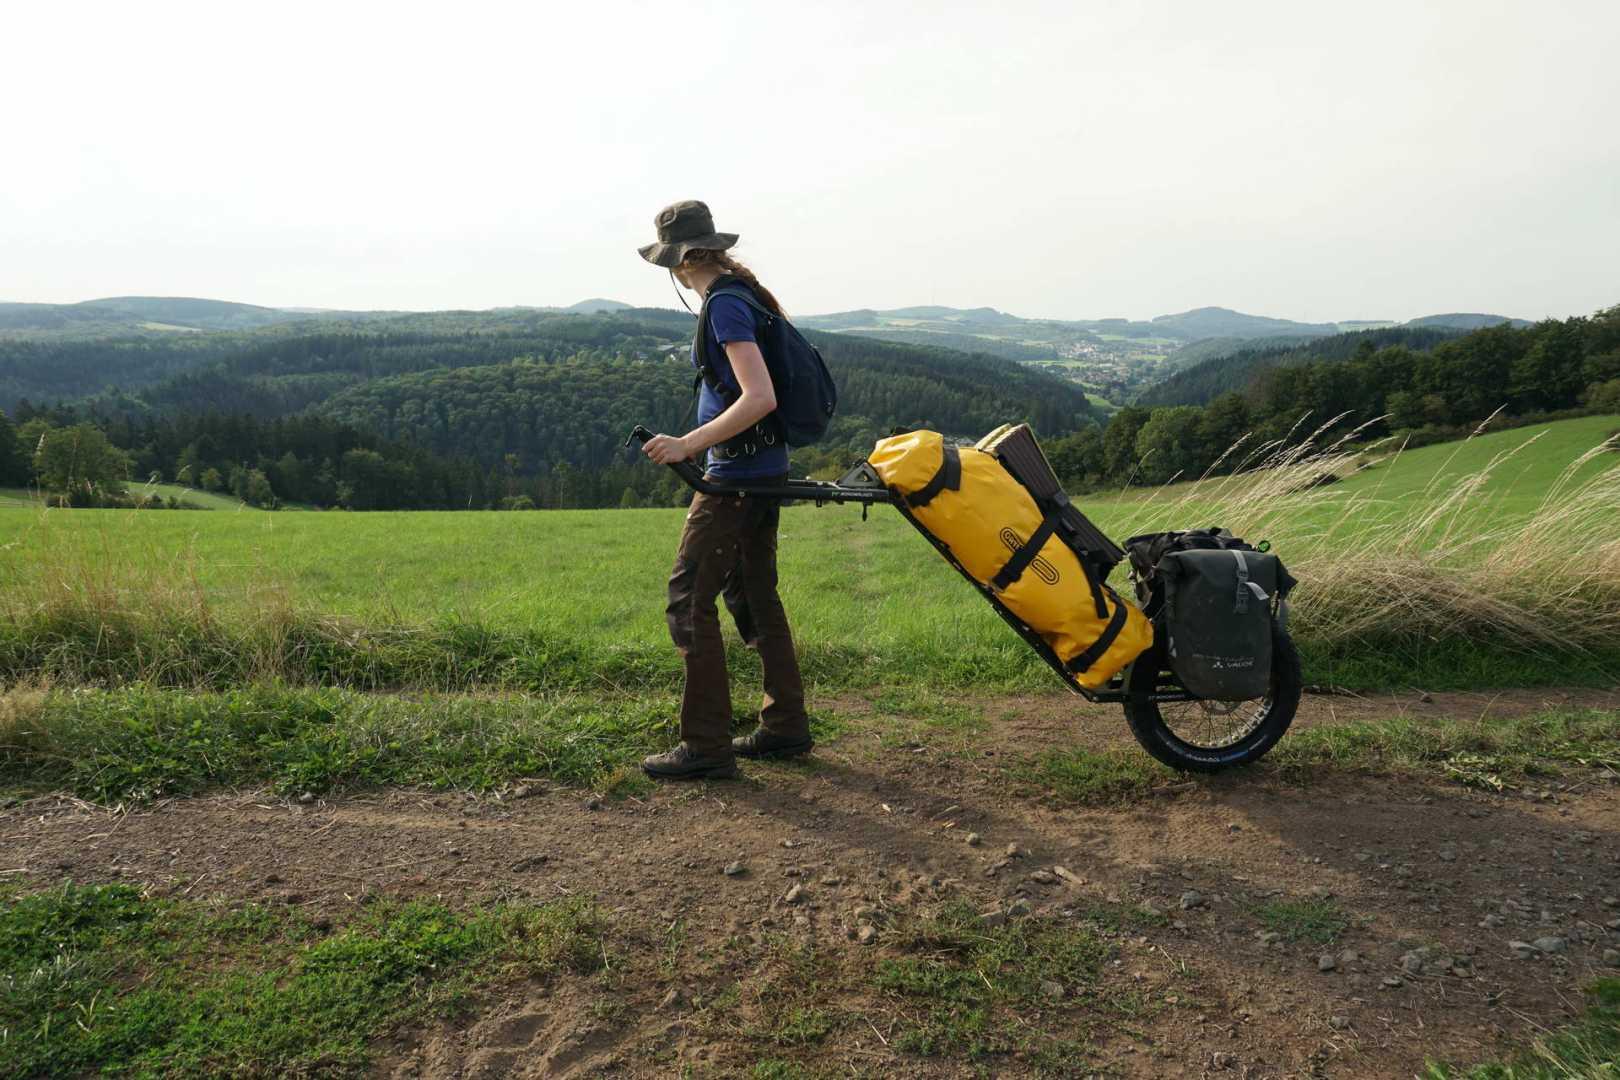 Jana mit dem MOnowalker vor einer Aussicht auf die Eifel